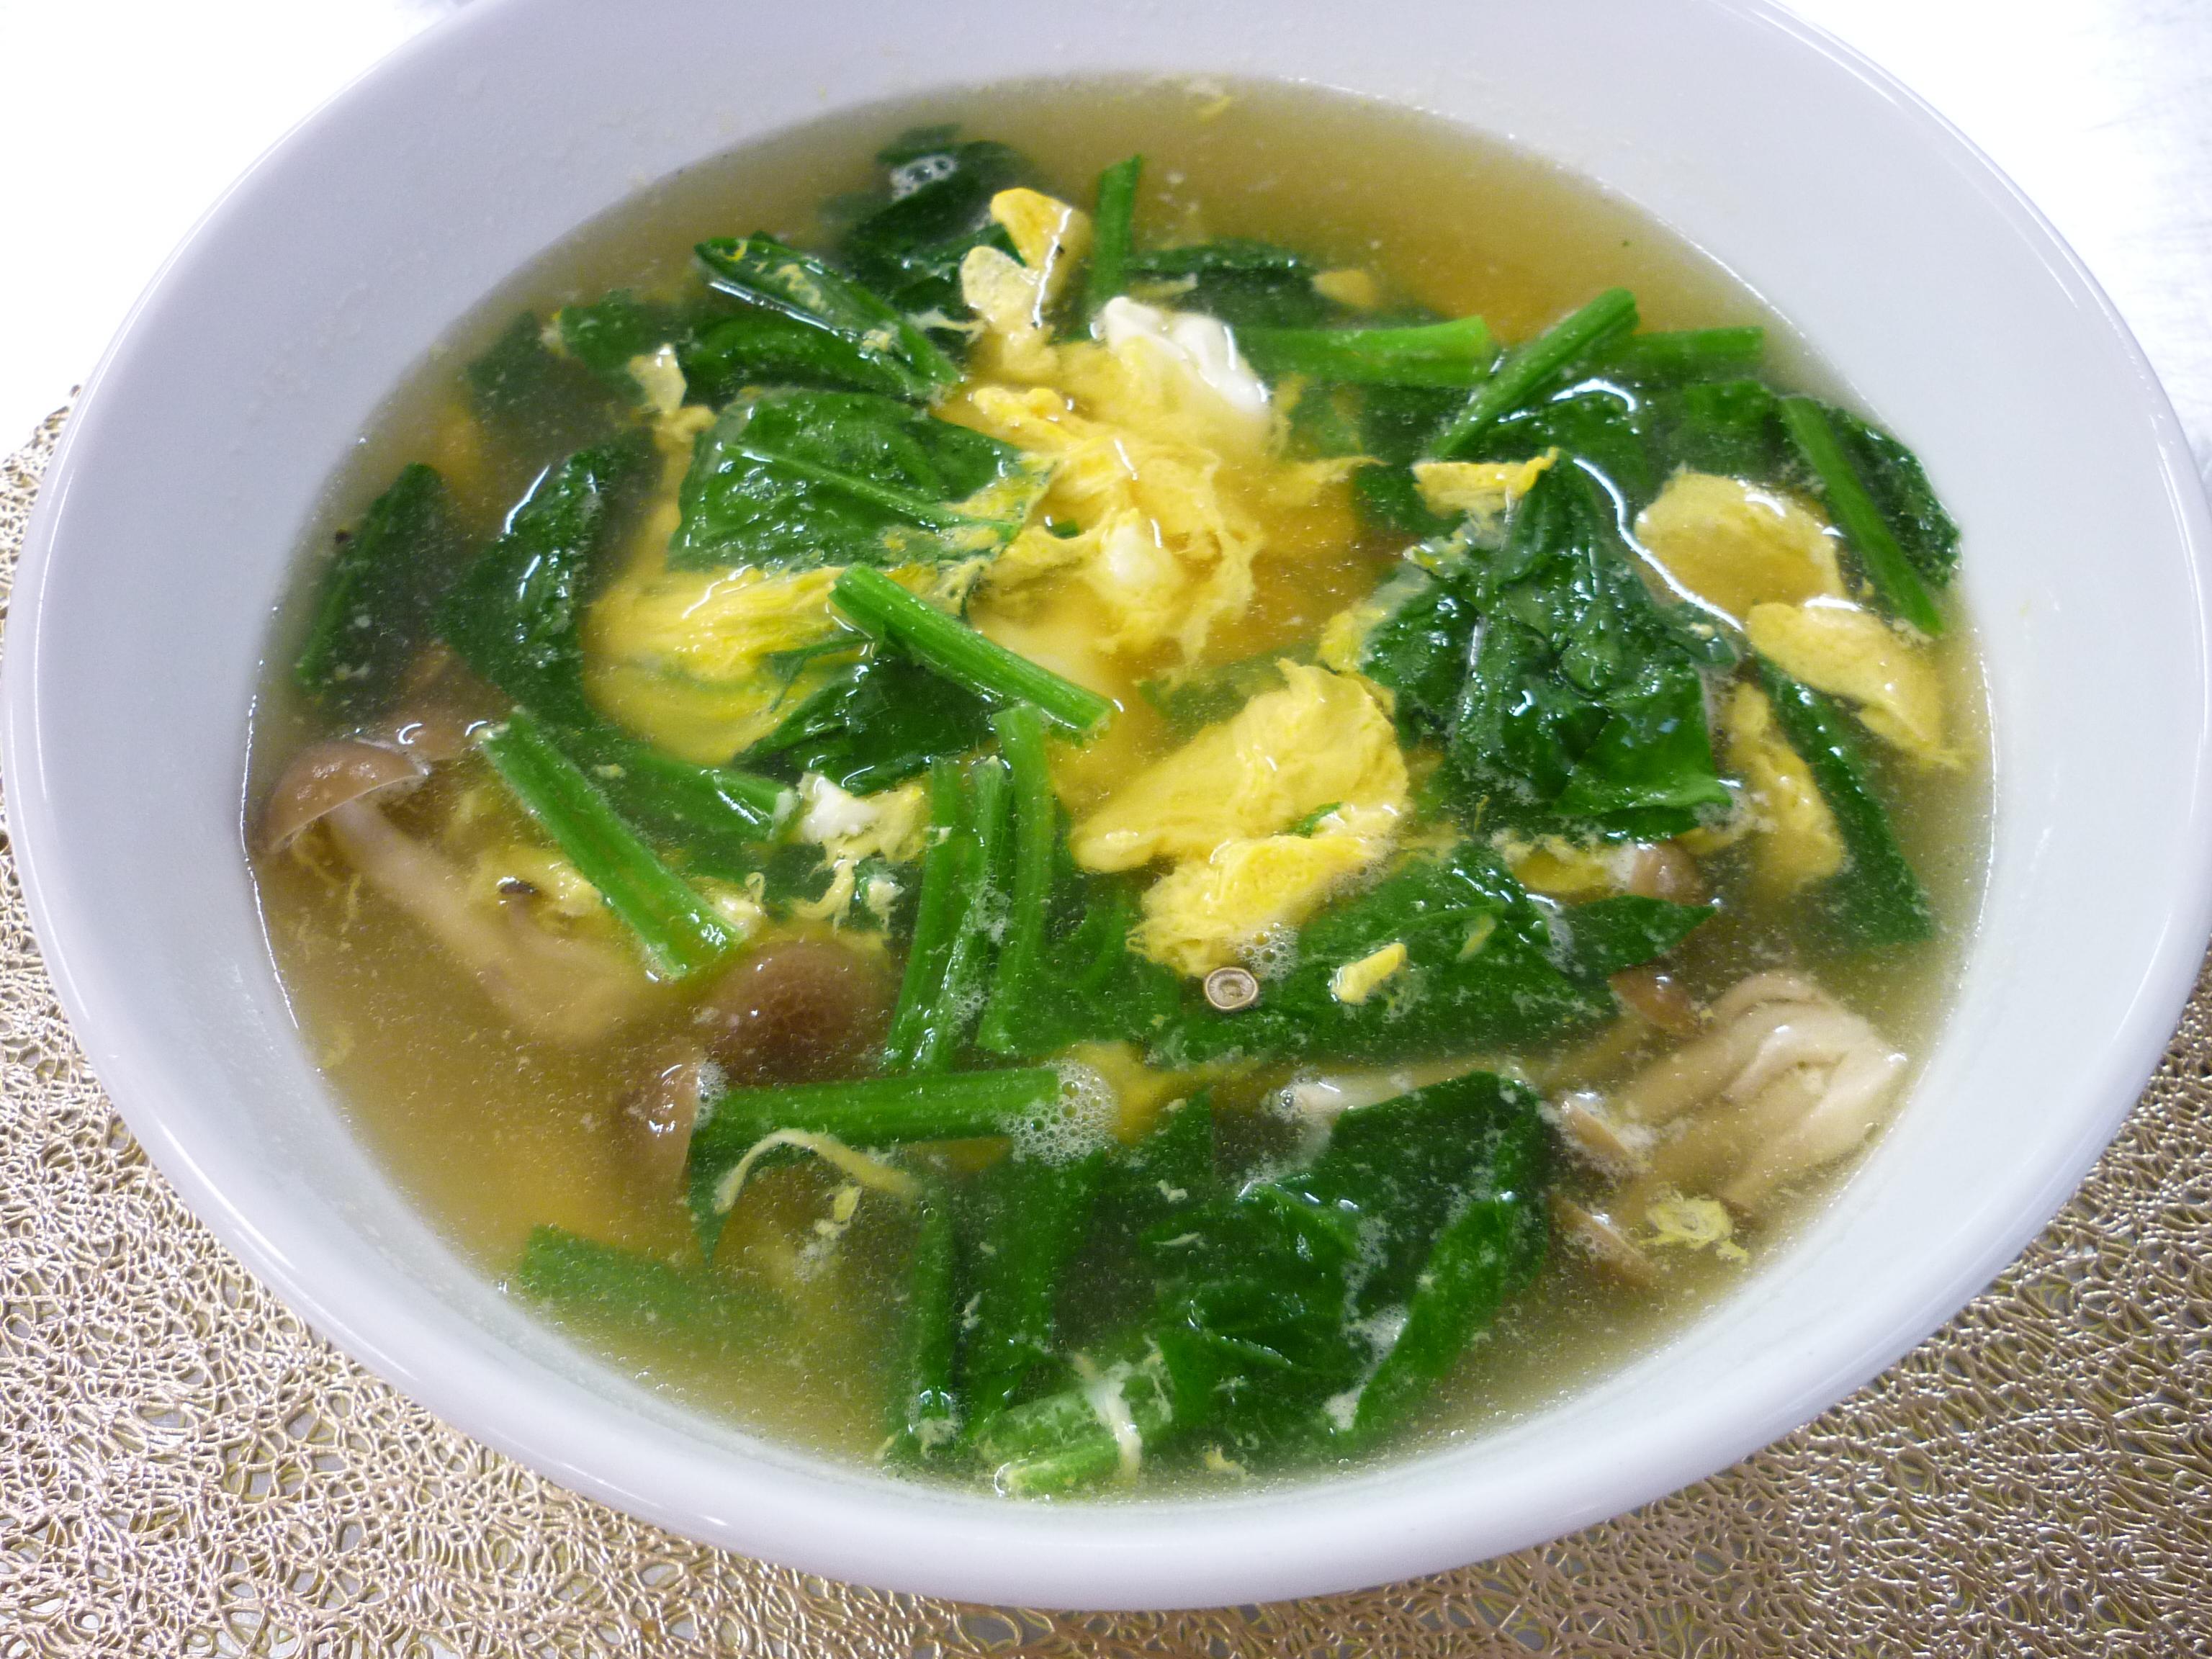 蛋花湯(たまごスープ)